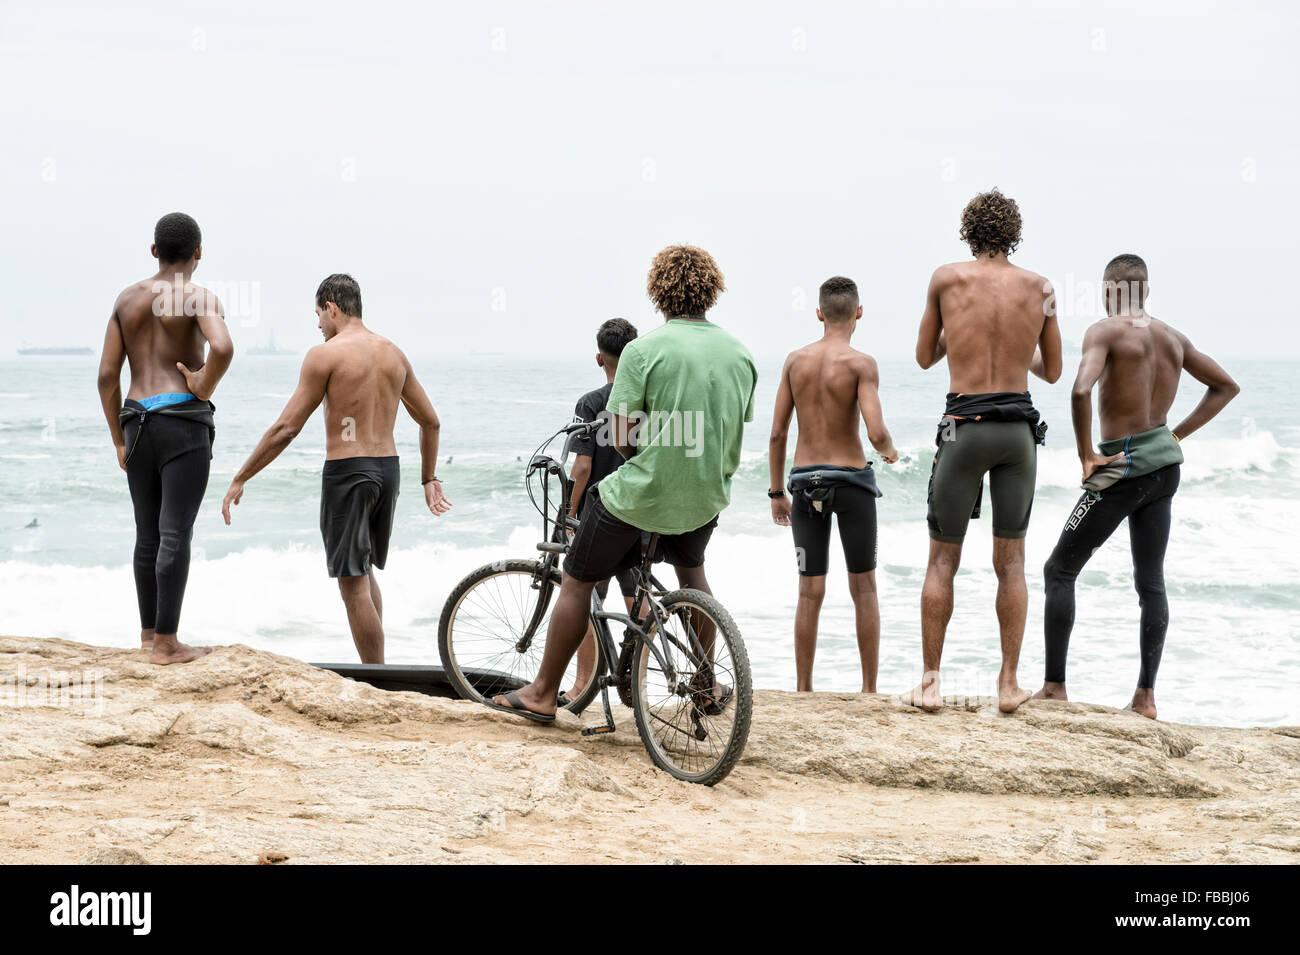 RIO DE JANEIRO, Brasilien - 22. Oktober 2015: Brasilianische Surfer in Neoprenanzüge stehen eingehende Surf Stockbild